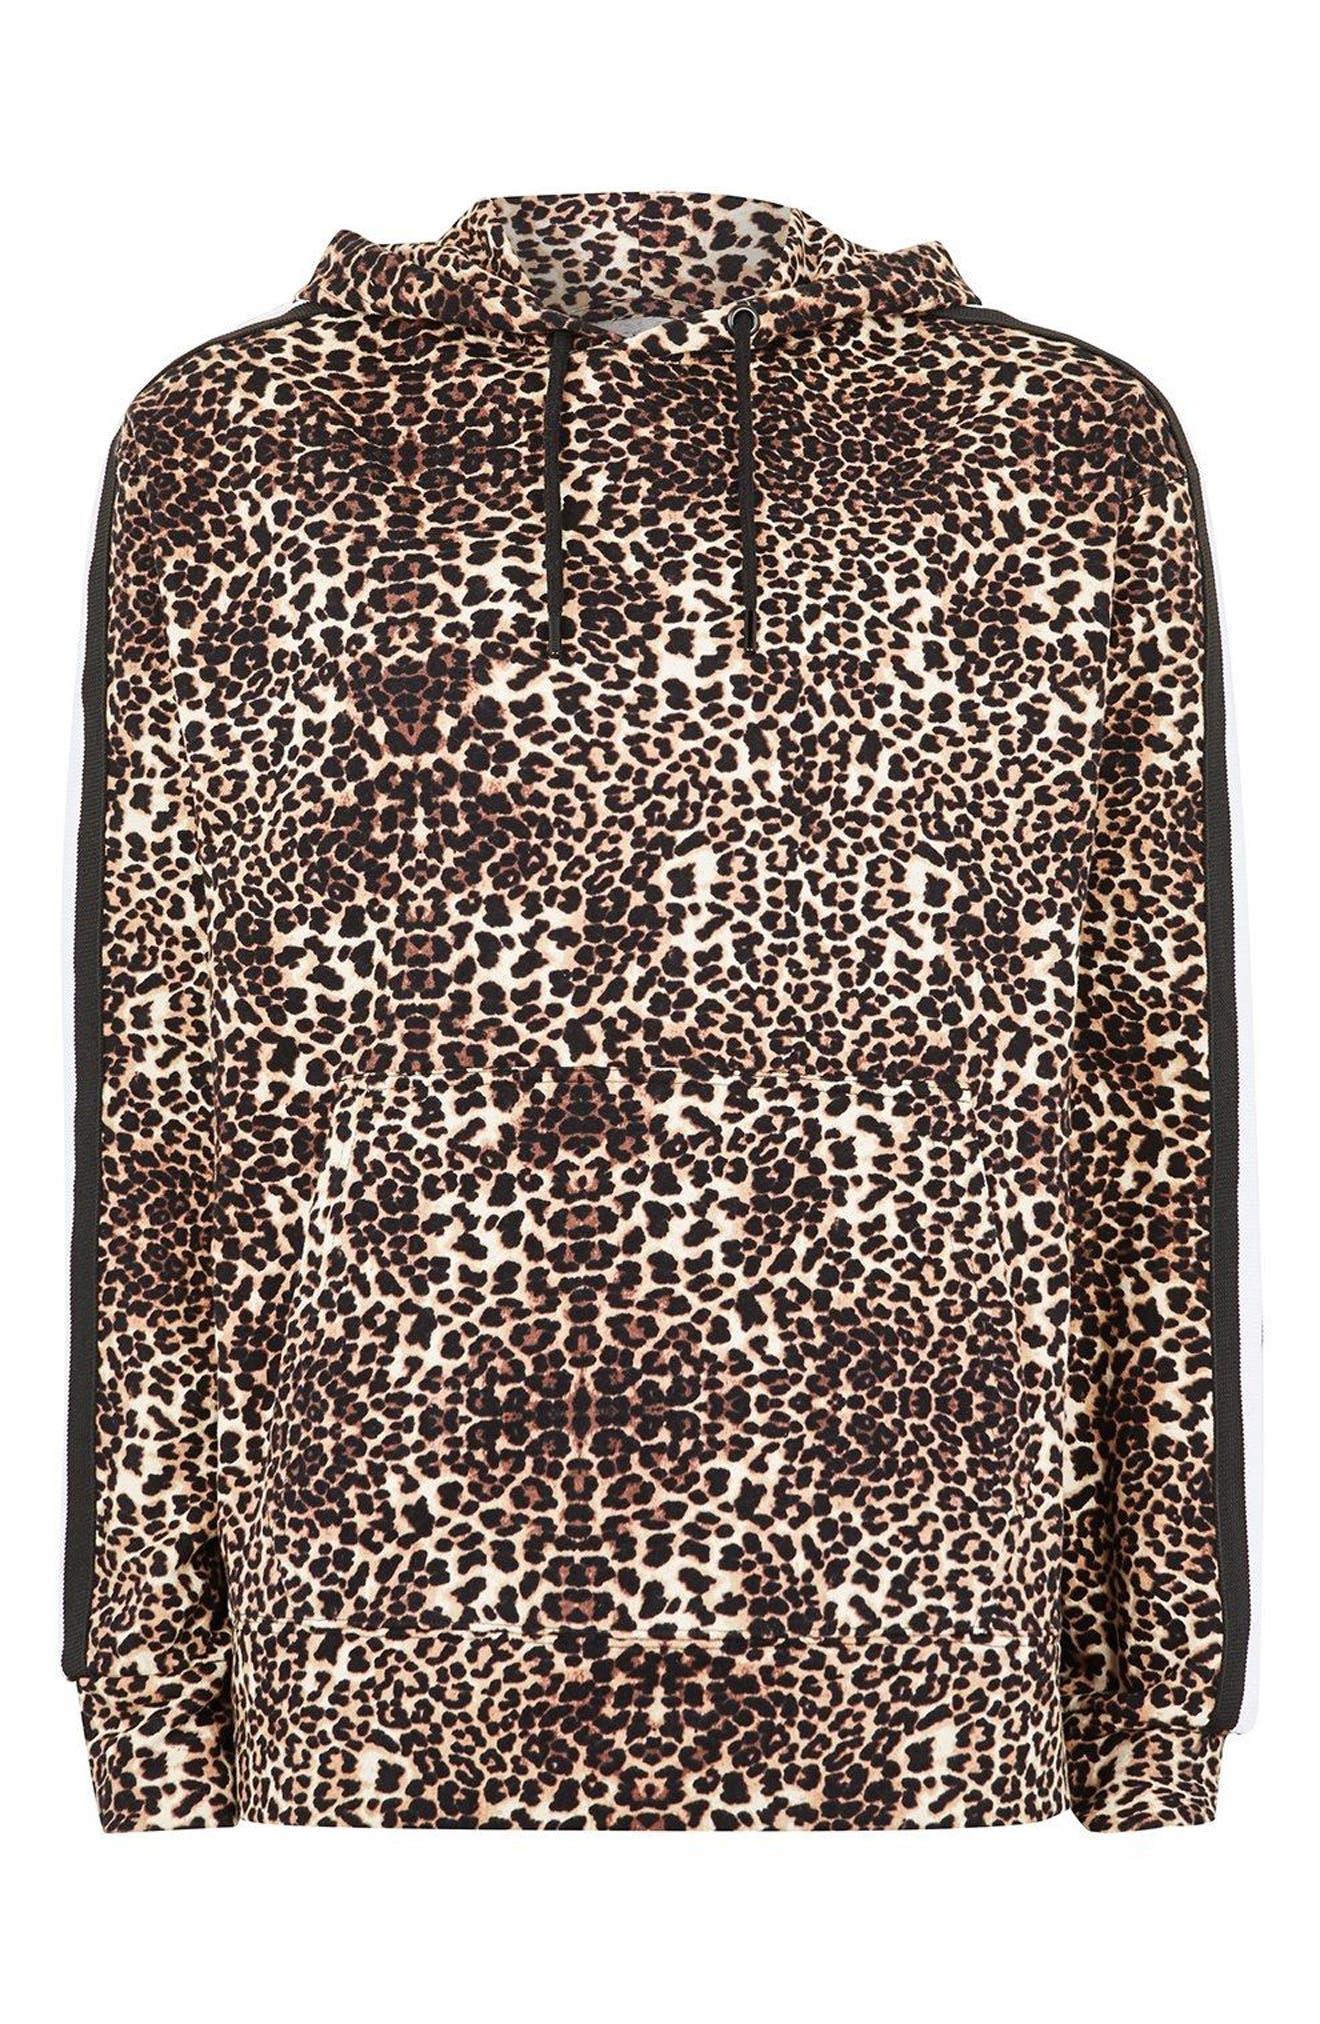 Leopard Print Hoodie,                         Main,                         color, Brown Multi